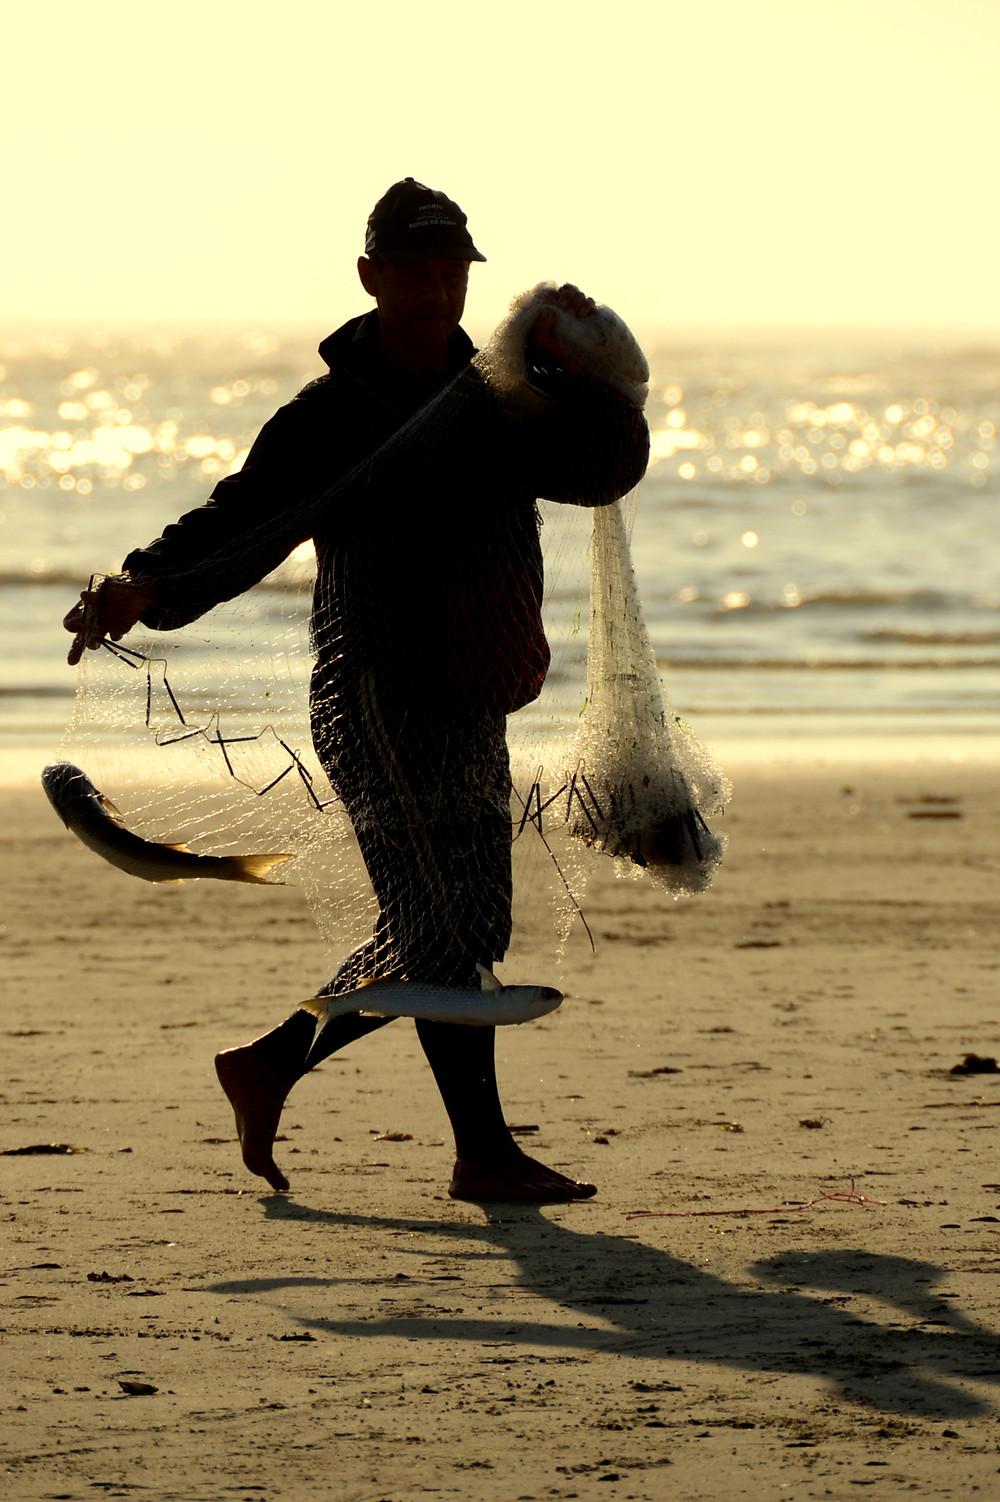 Pescador artesanal durante a temporada da tainha em Tramandaí, RS, Brasil